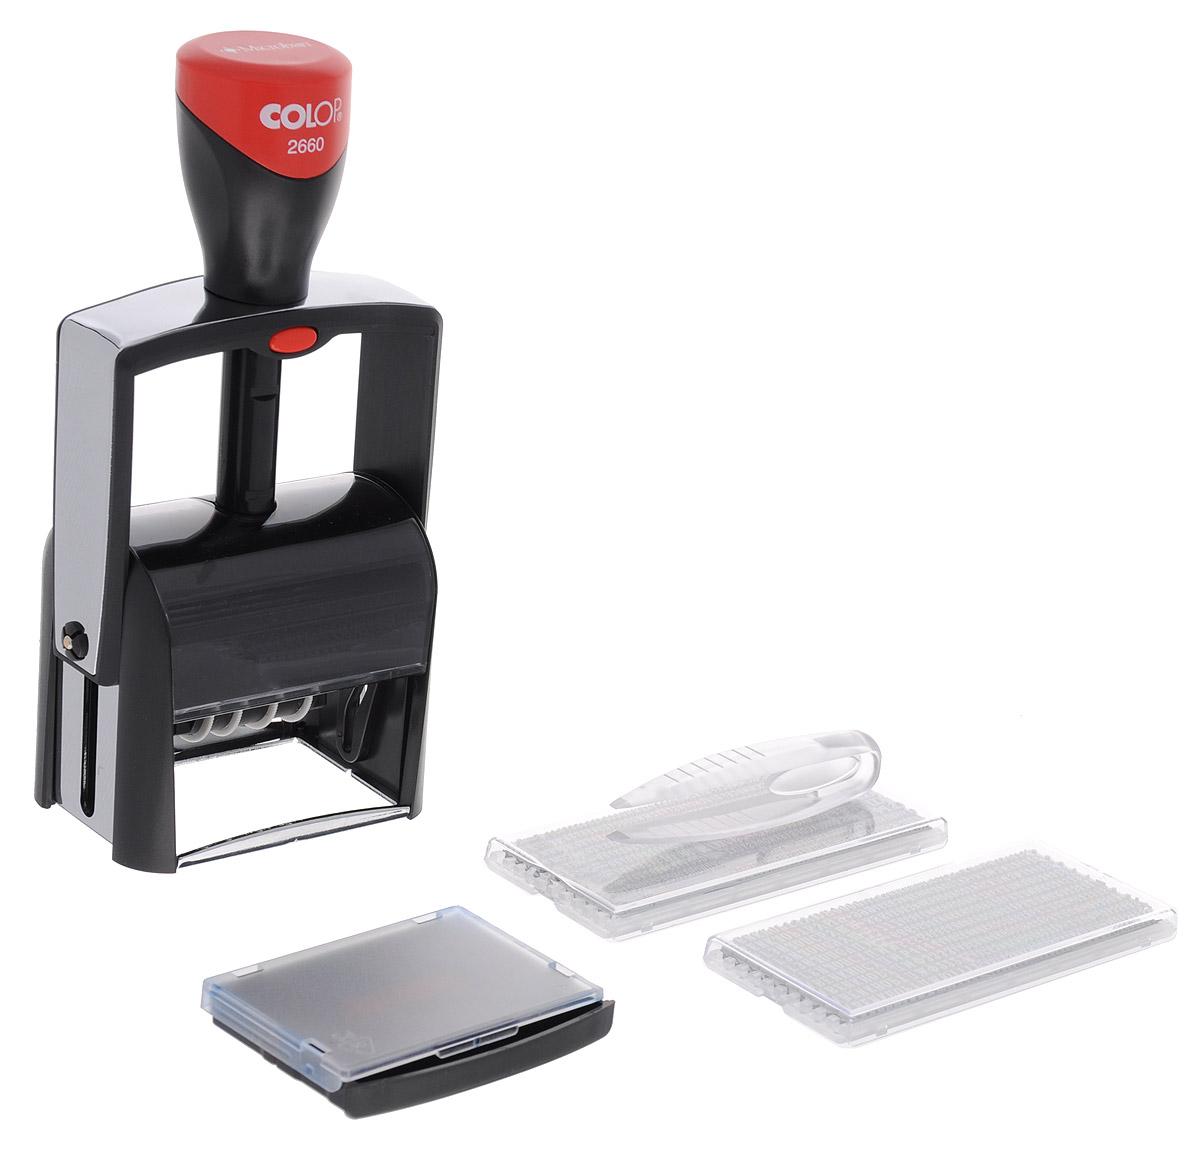 Colop Датер самонаборный S 2660 Bank-Set-FS2660 BANK Set-FДатер имеет металлический каркас, обрамленный пластиком. Автоматическое окрашивание текста. Встроенная антибактериальная защита на основе 3G-серебра в ручке и колпачке. Изделие предназначено для работы с повышенной нагрузкой. Мягкость и бесшумность хода, легкий доступ к колесам смены даты. Ленты датерных механизмов закрыты специальным кожухом, который гарантирует абсолютную чистоту в процессе использования. Рифленая пластина для набора текста расположена вокруг даты, дата 4 мм находится в центре. Датер рассчитан на 12 лет, включая текущий год. В комплекте: датер с рифленой пластиной, пинцет, две кассы букв Type Set A и B, двухцветная сменная подушка, рамка. Месяц указан цифрами. Крепление символов на одной ножке, экспресс-набор текста.